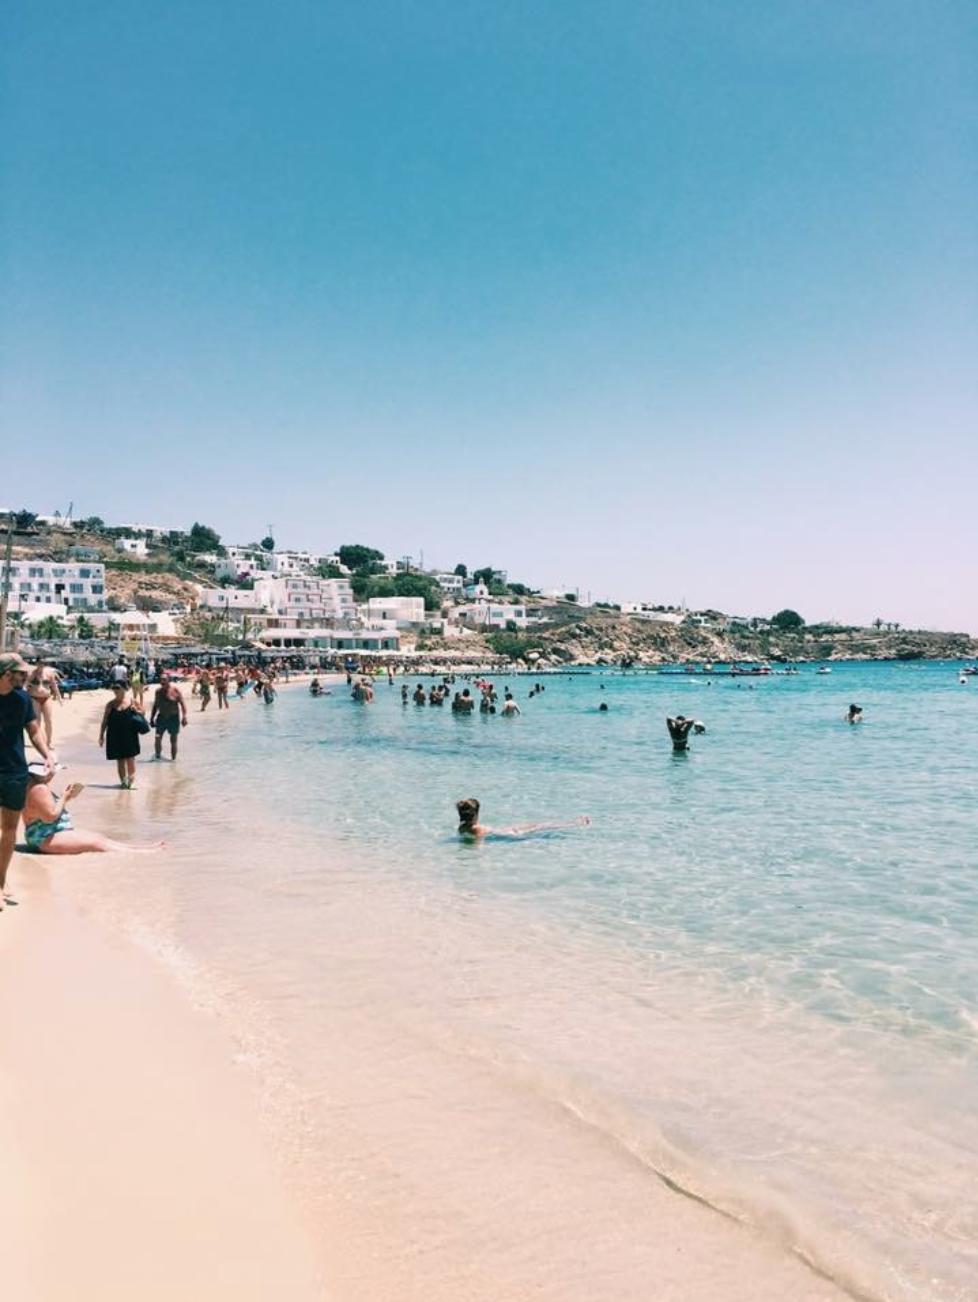 a sneak peek of my trip to the greek islands